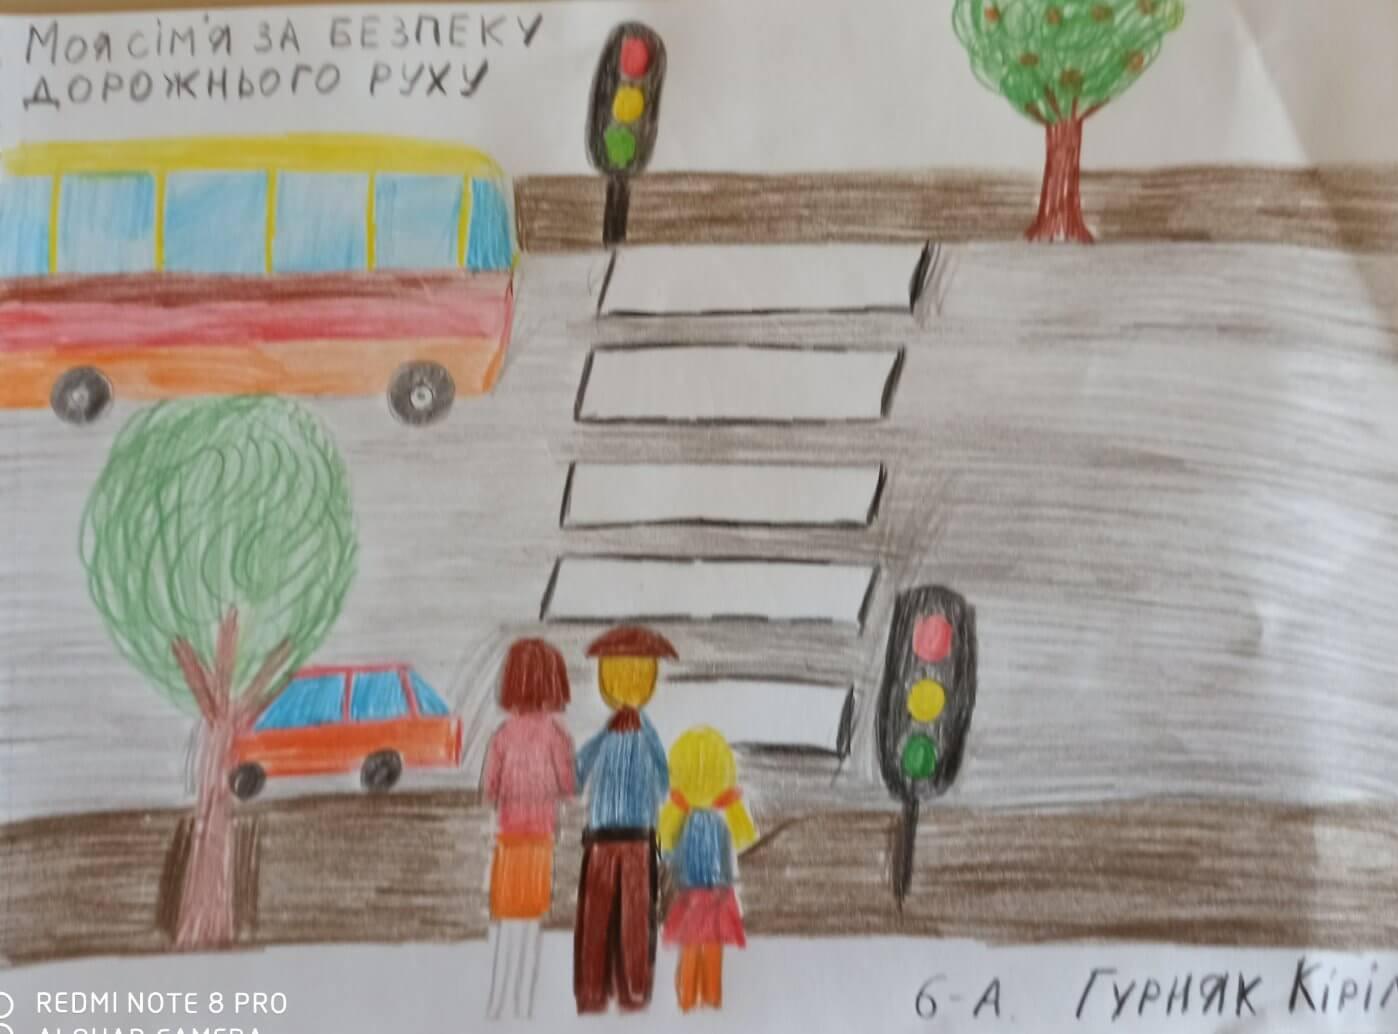 zobrazhennya viber 2020 05 21 08 22 01 - Конкурс малюнків серед учнів 5 - 7 класів з безпеки дорожнього руху